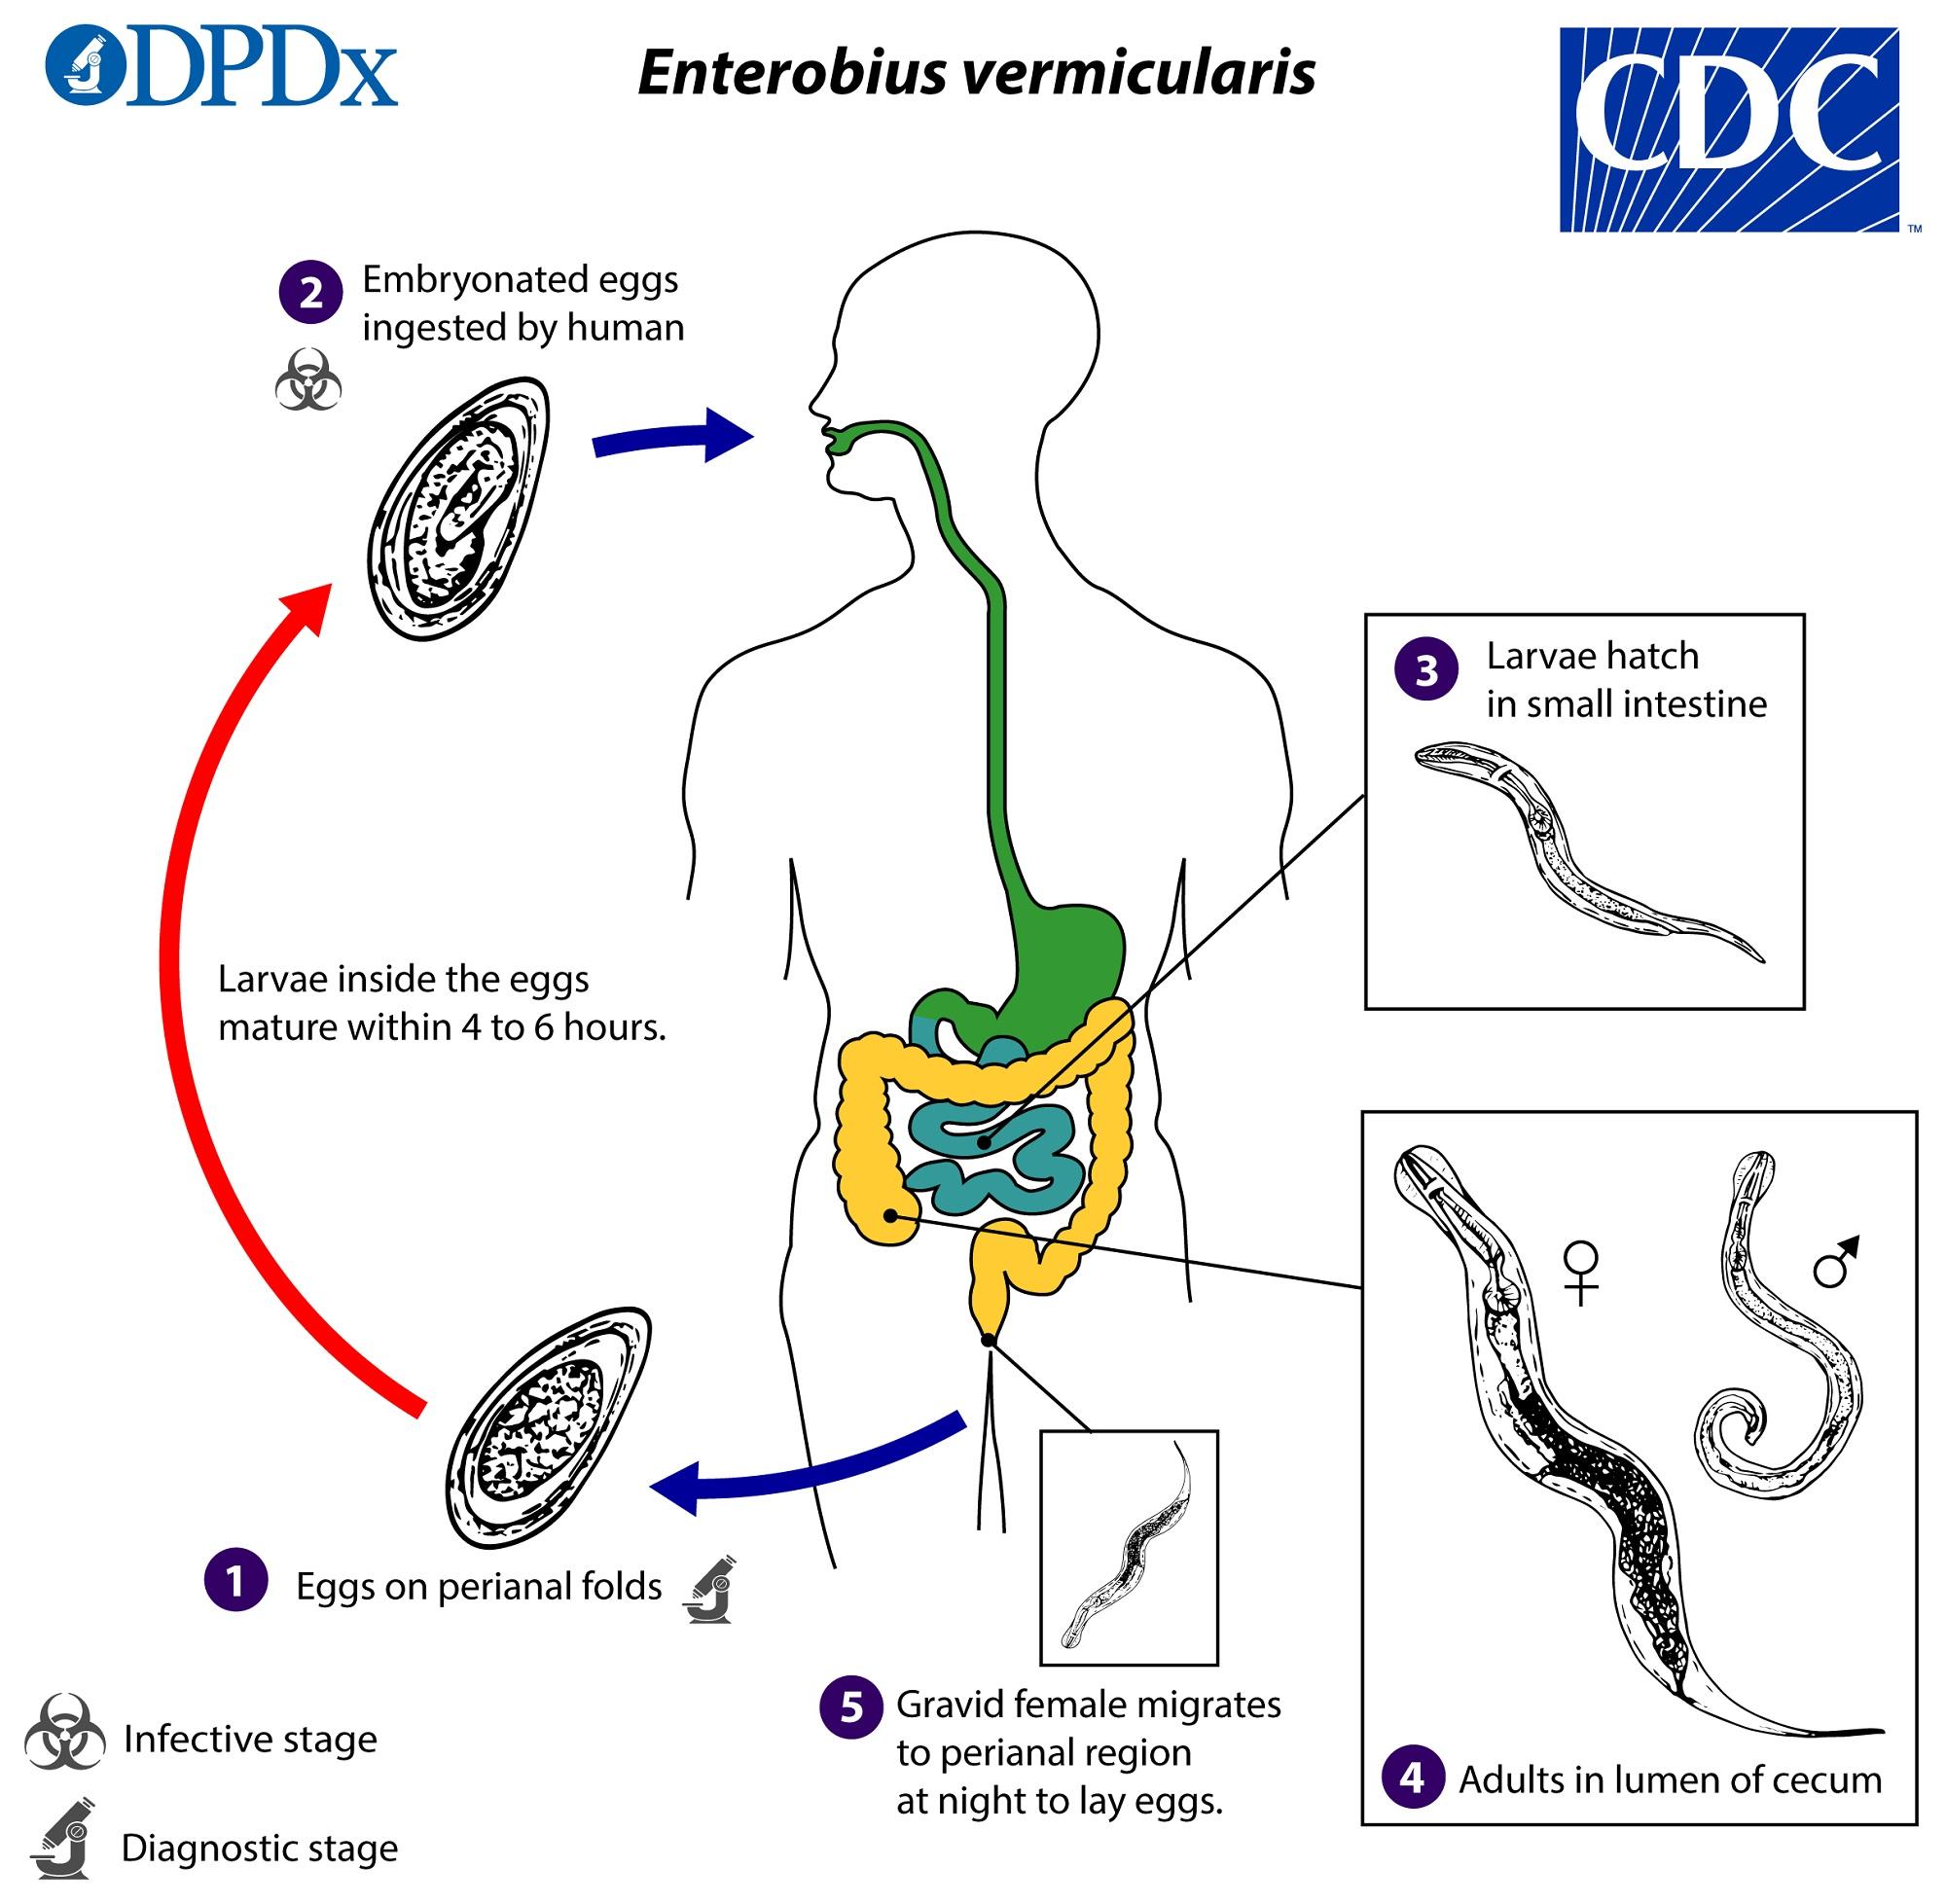 Primaria comunei tetoiu judetul valcea, Enterobius vermicularis ciclo biologico cdc